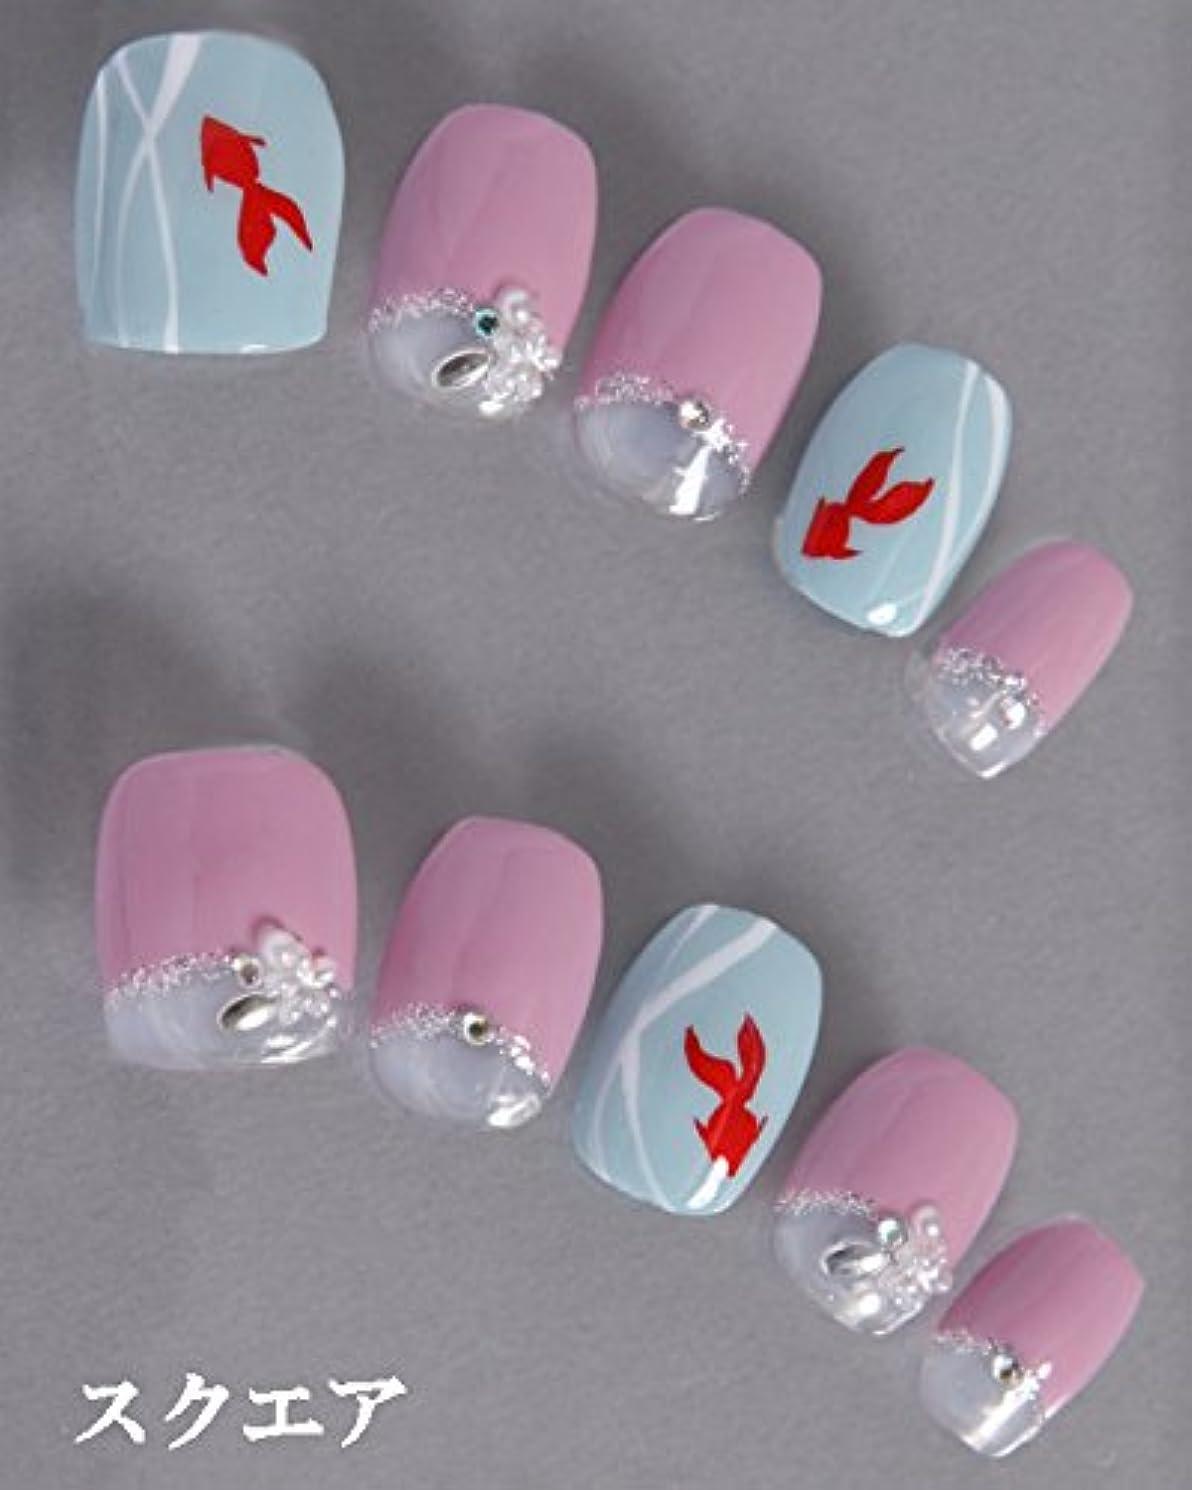 誇り弓落ち着かないゆずネイル|ネイルチップ 濃ピンク 薄ブルー フレンチ 動物 花 夏 浴衣(B01023-Q-C)